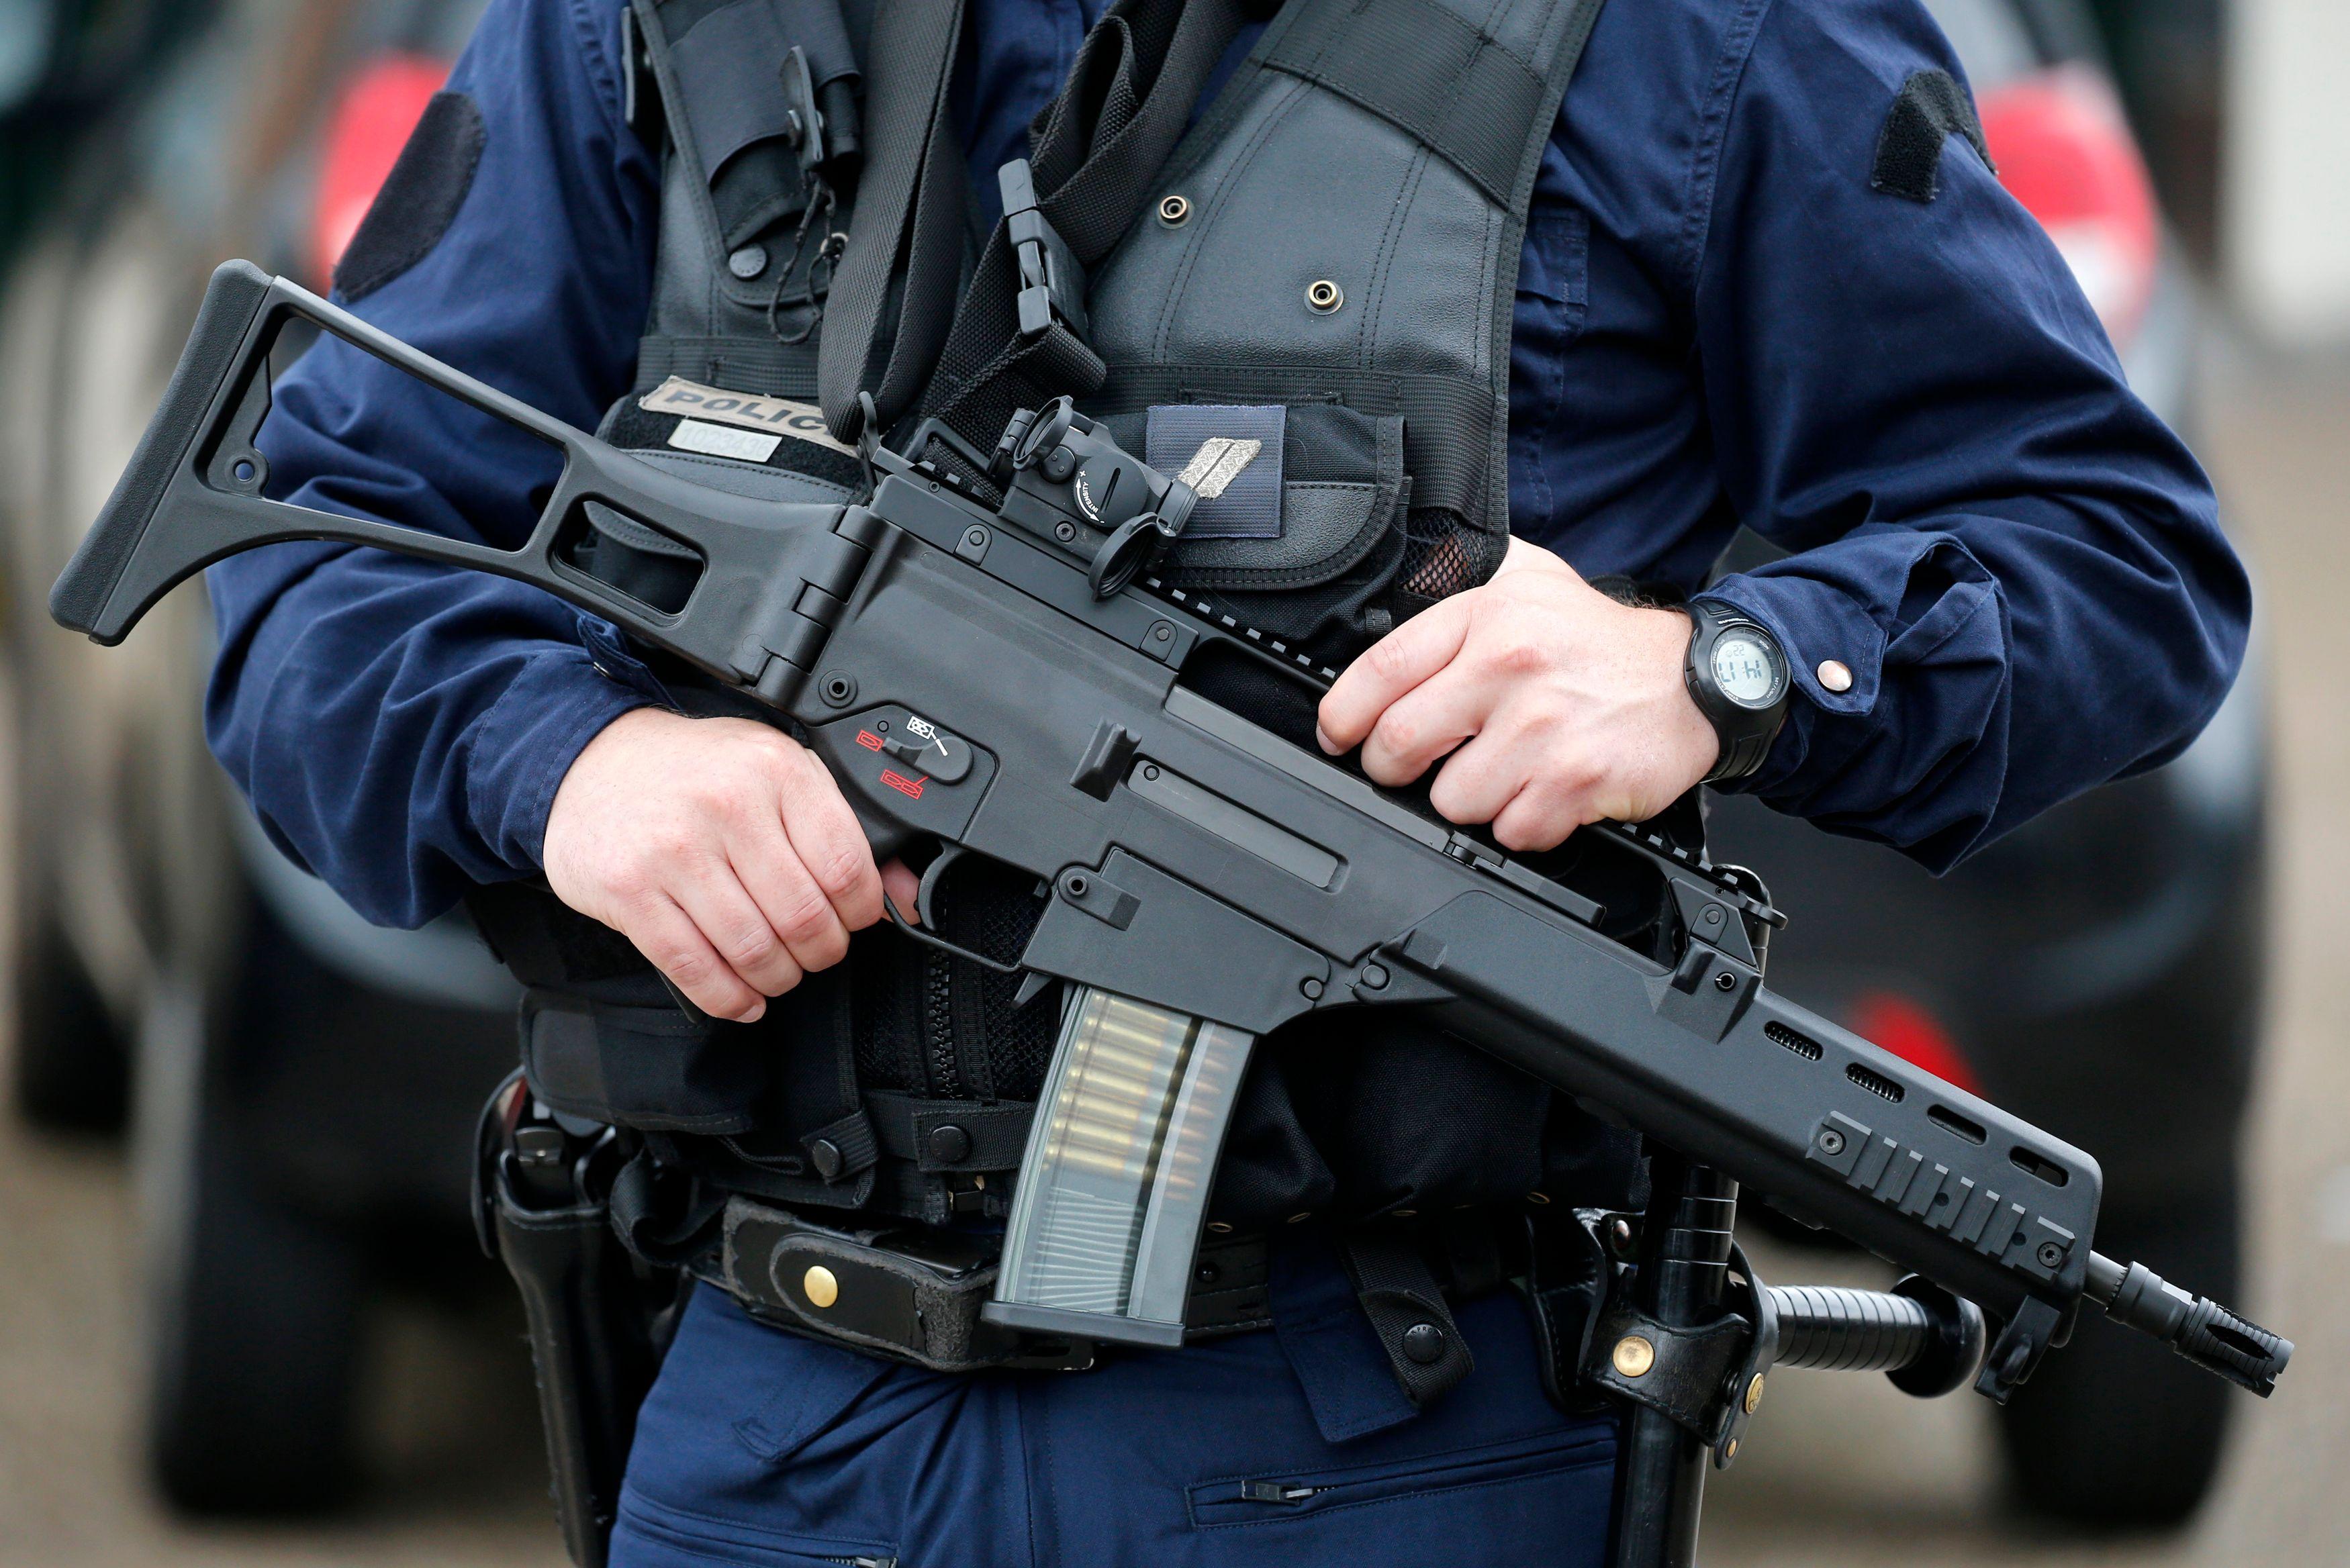 Après le Louvre, Montpellier : ce que nous indique les attentats déjoués sur l'état du risque terroriste en France